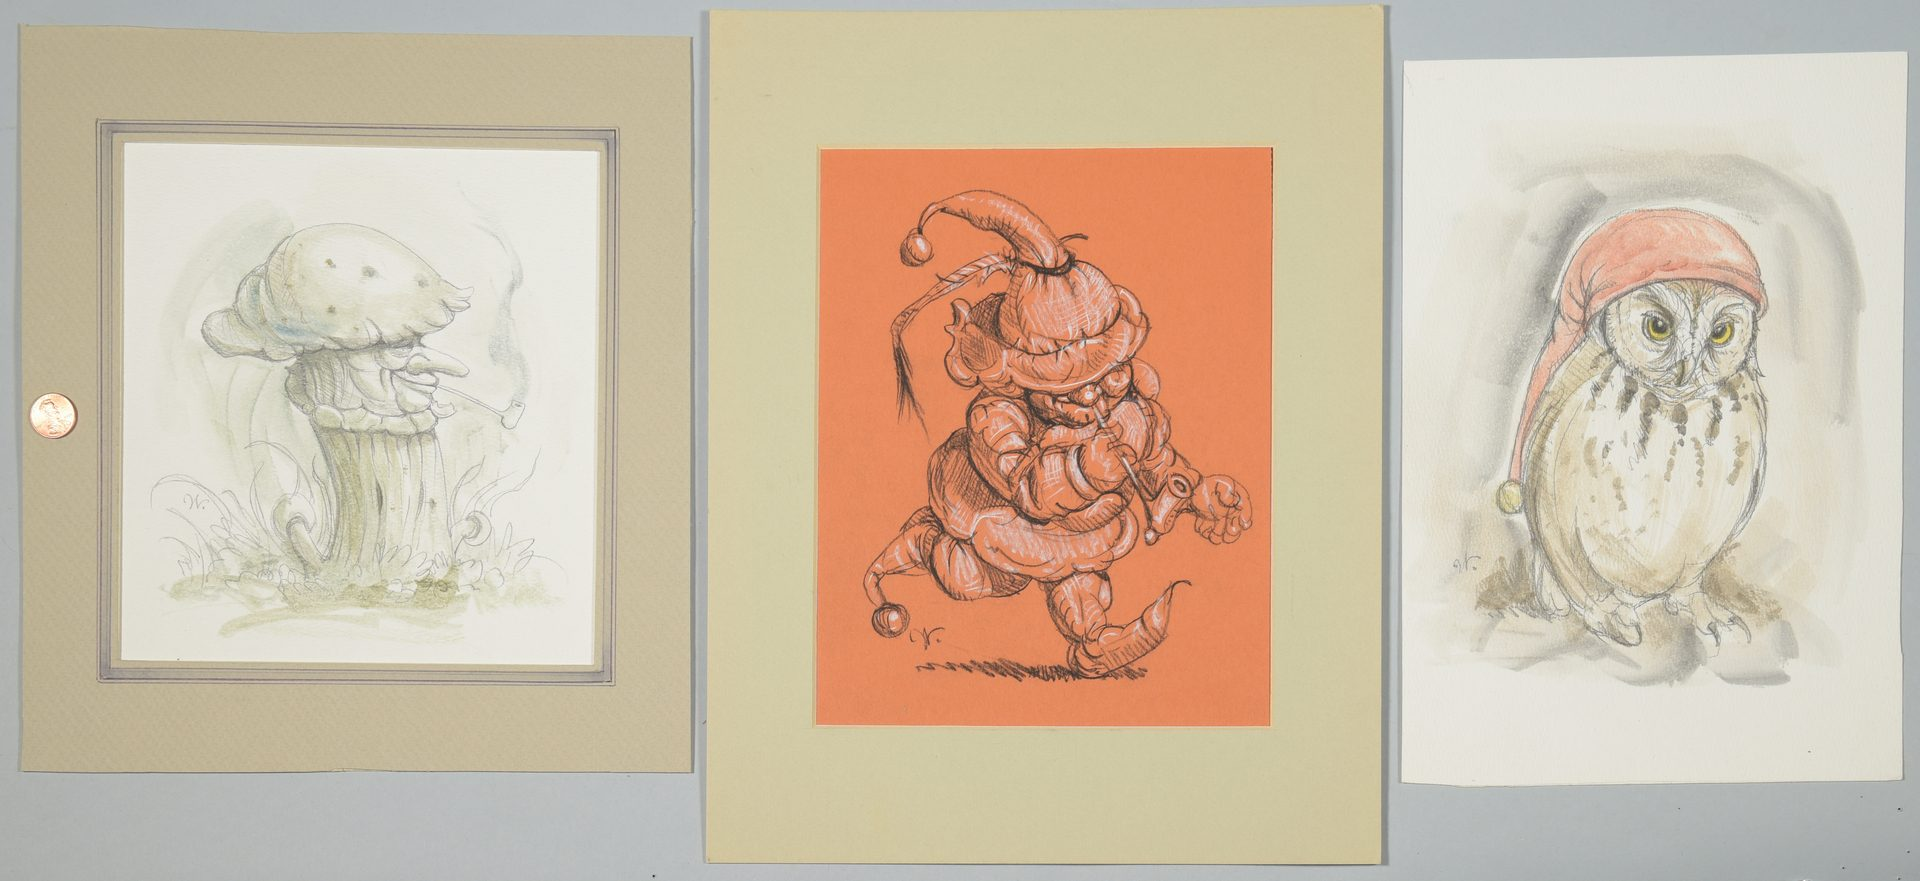 Lot 544: 3 Werner Wildner Surrealist Works